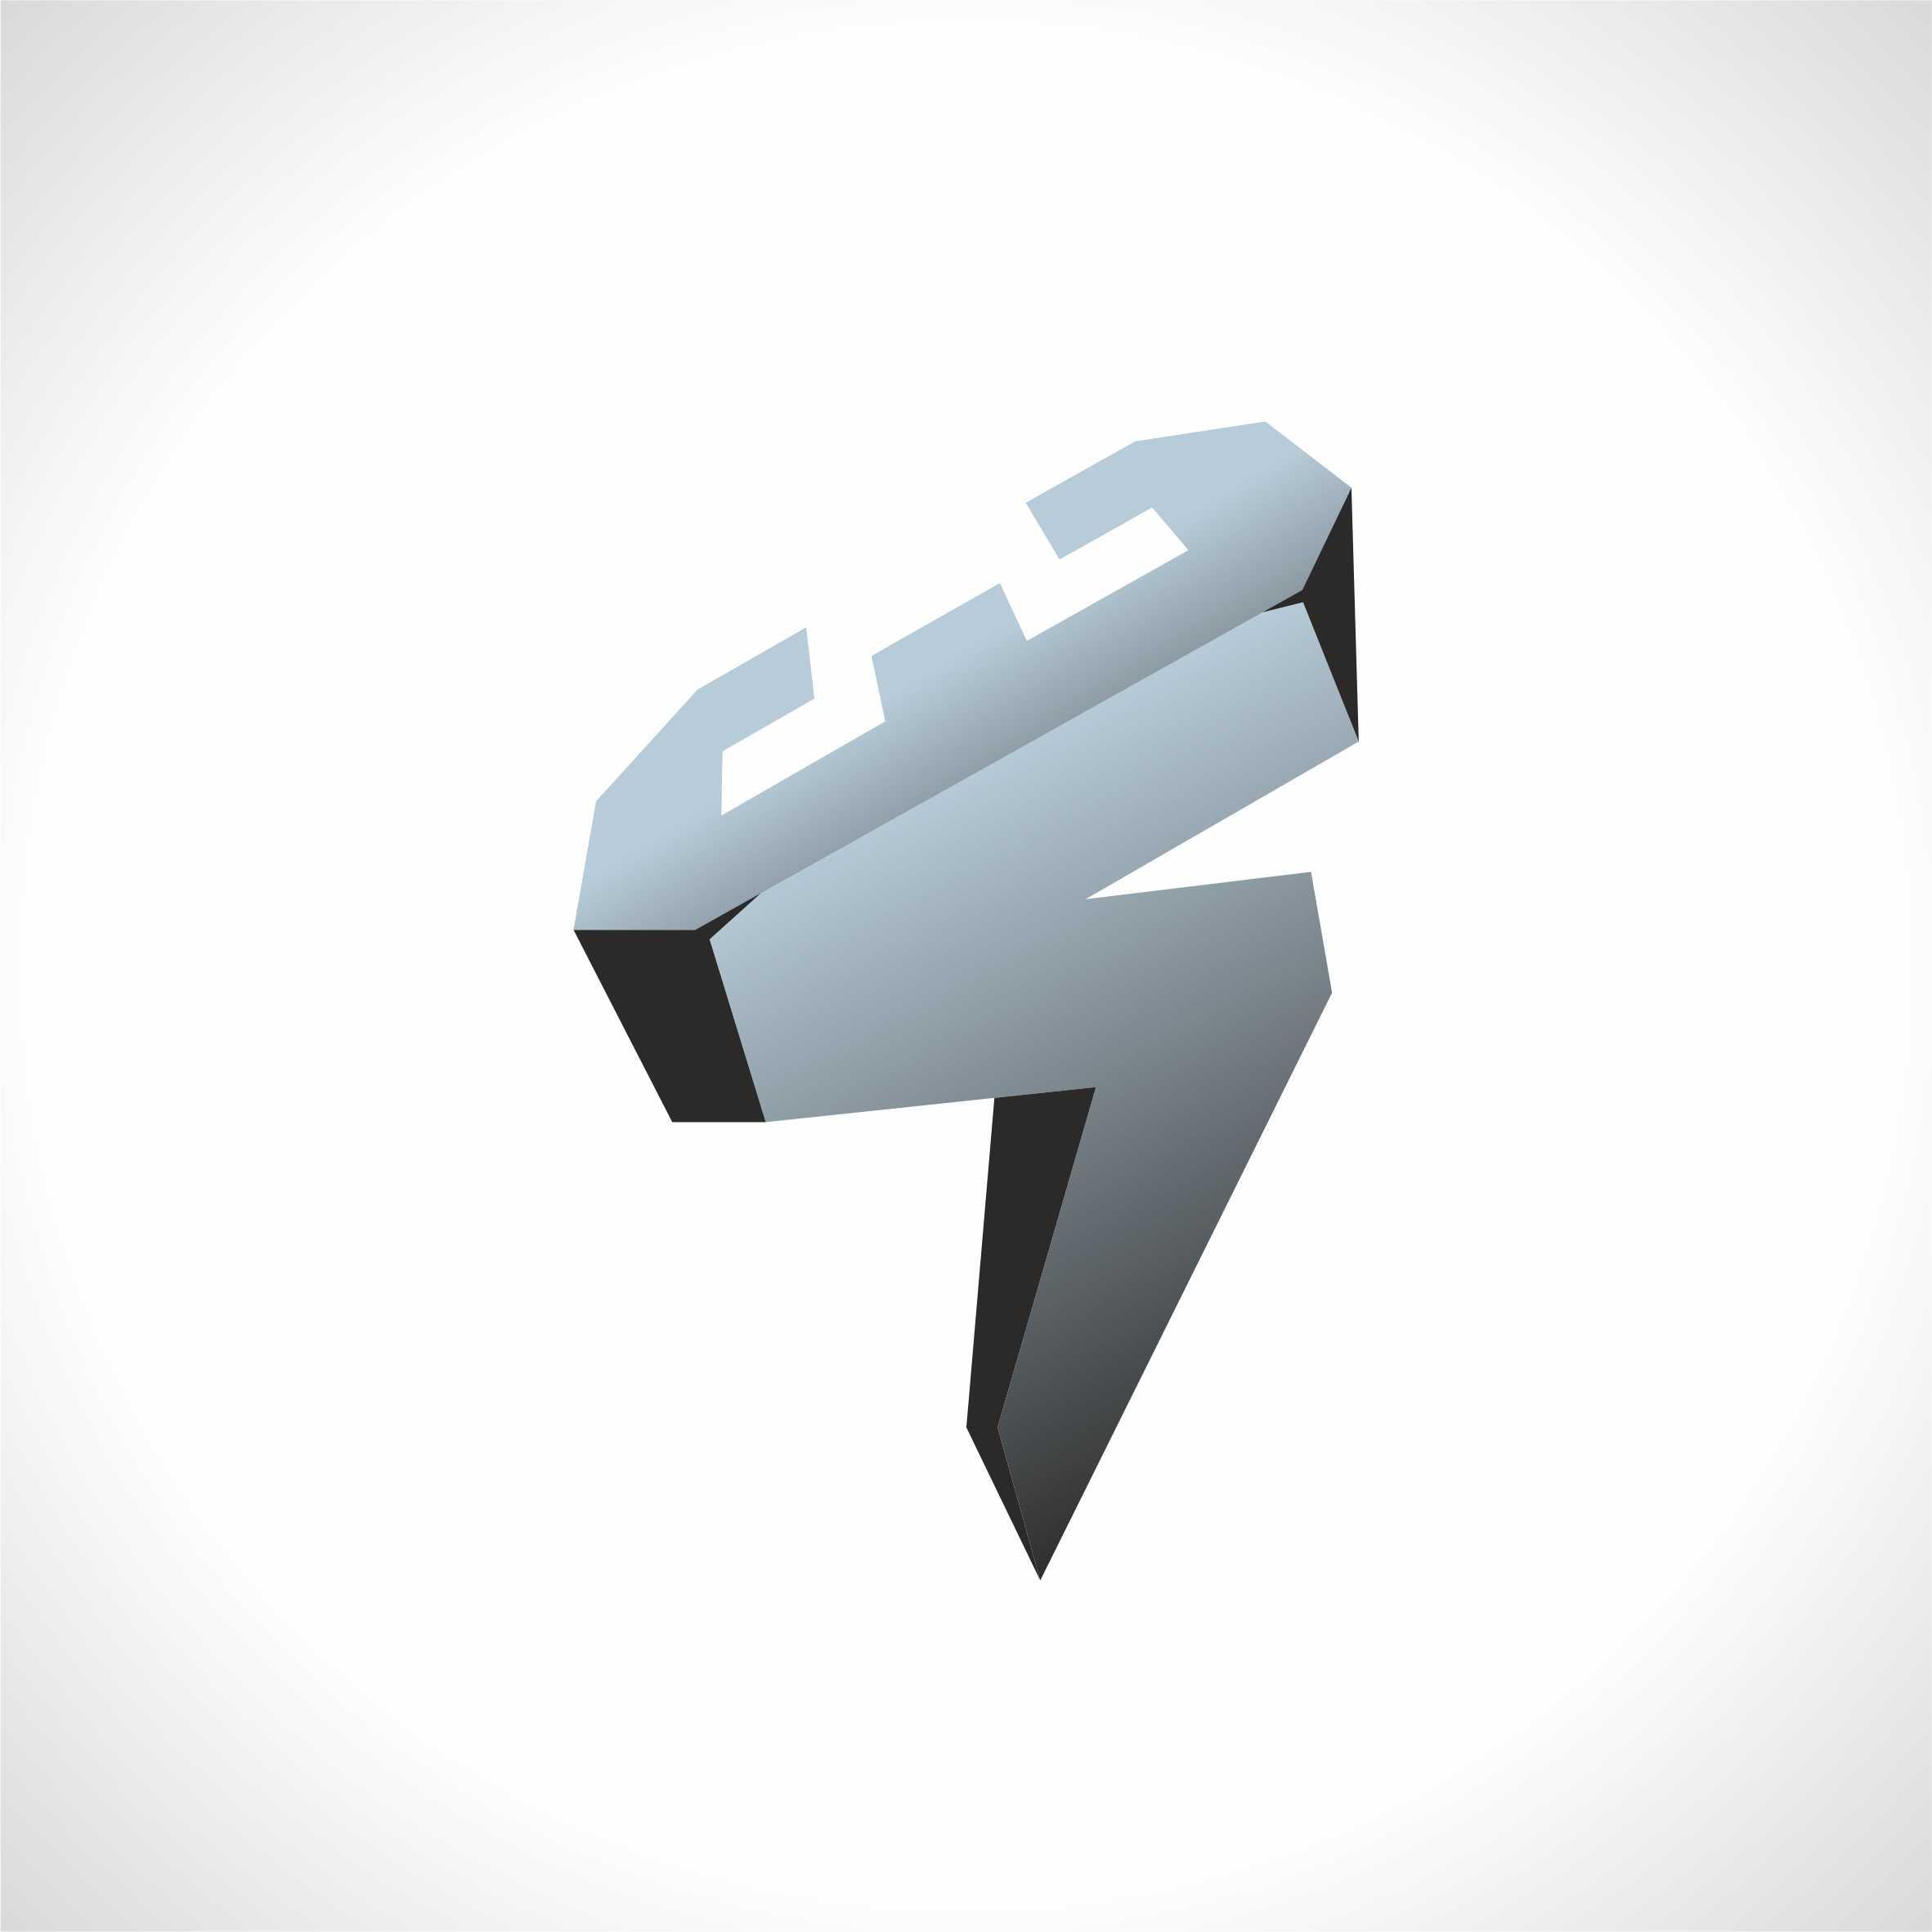 Логотип для инженерной компании фото f_95851c91f2bdb9b4.jpg